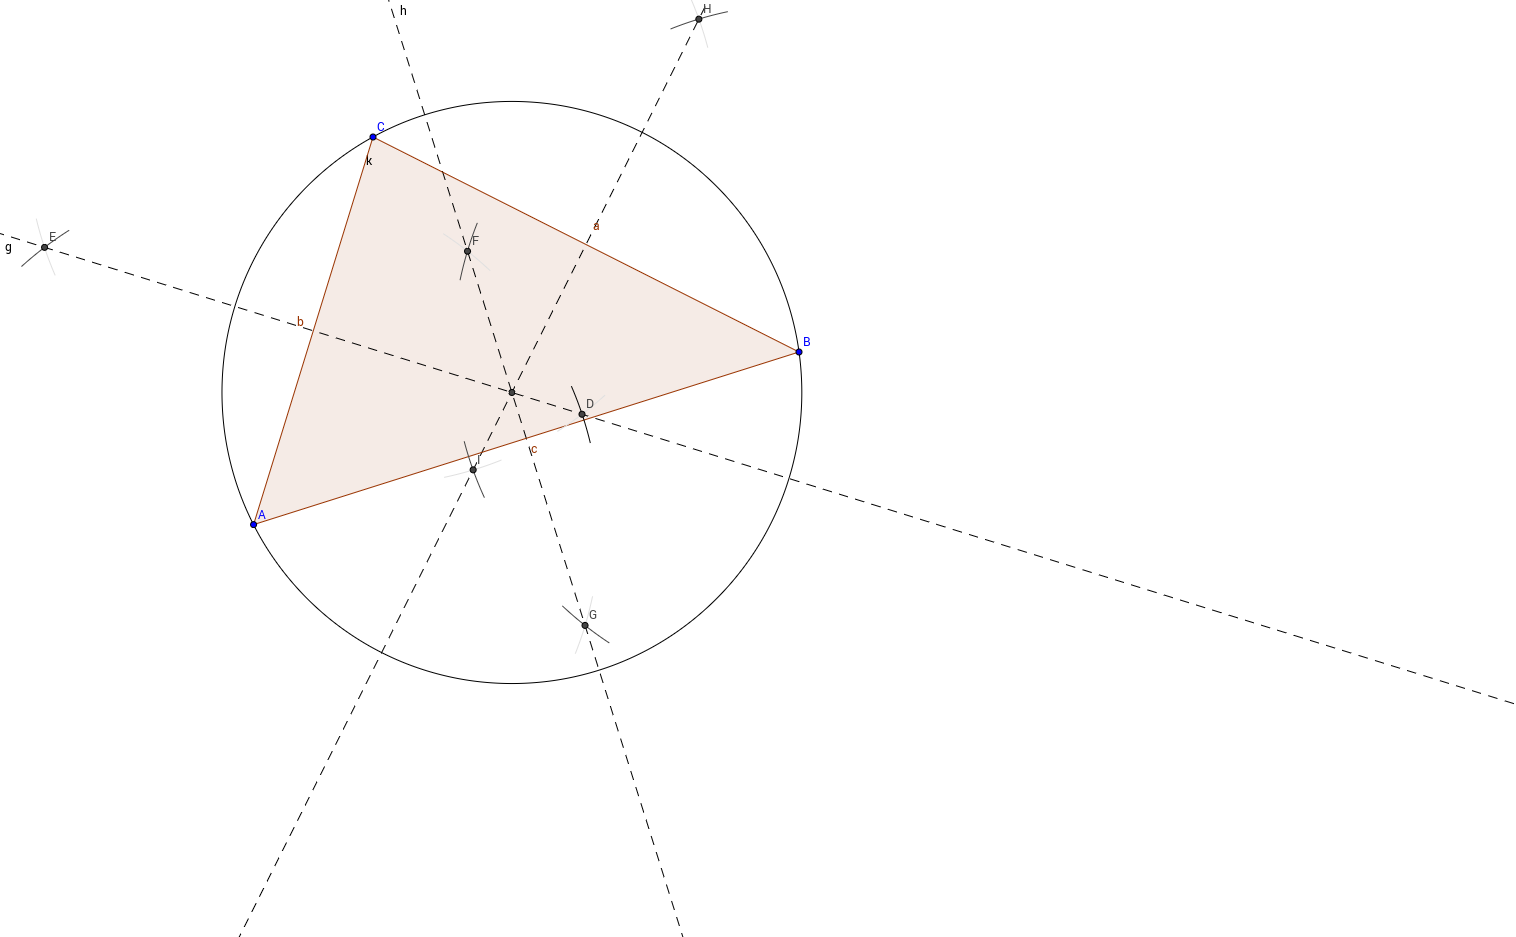 Der Umkreis